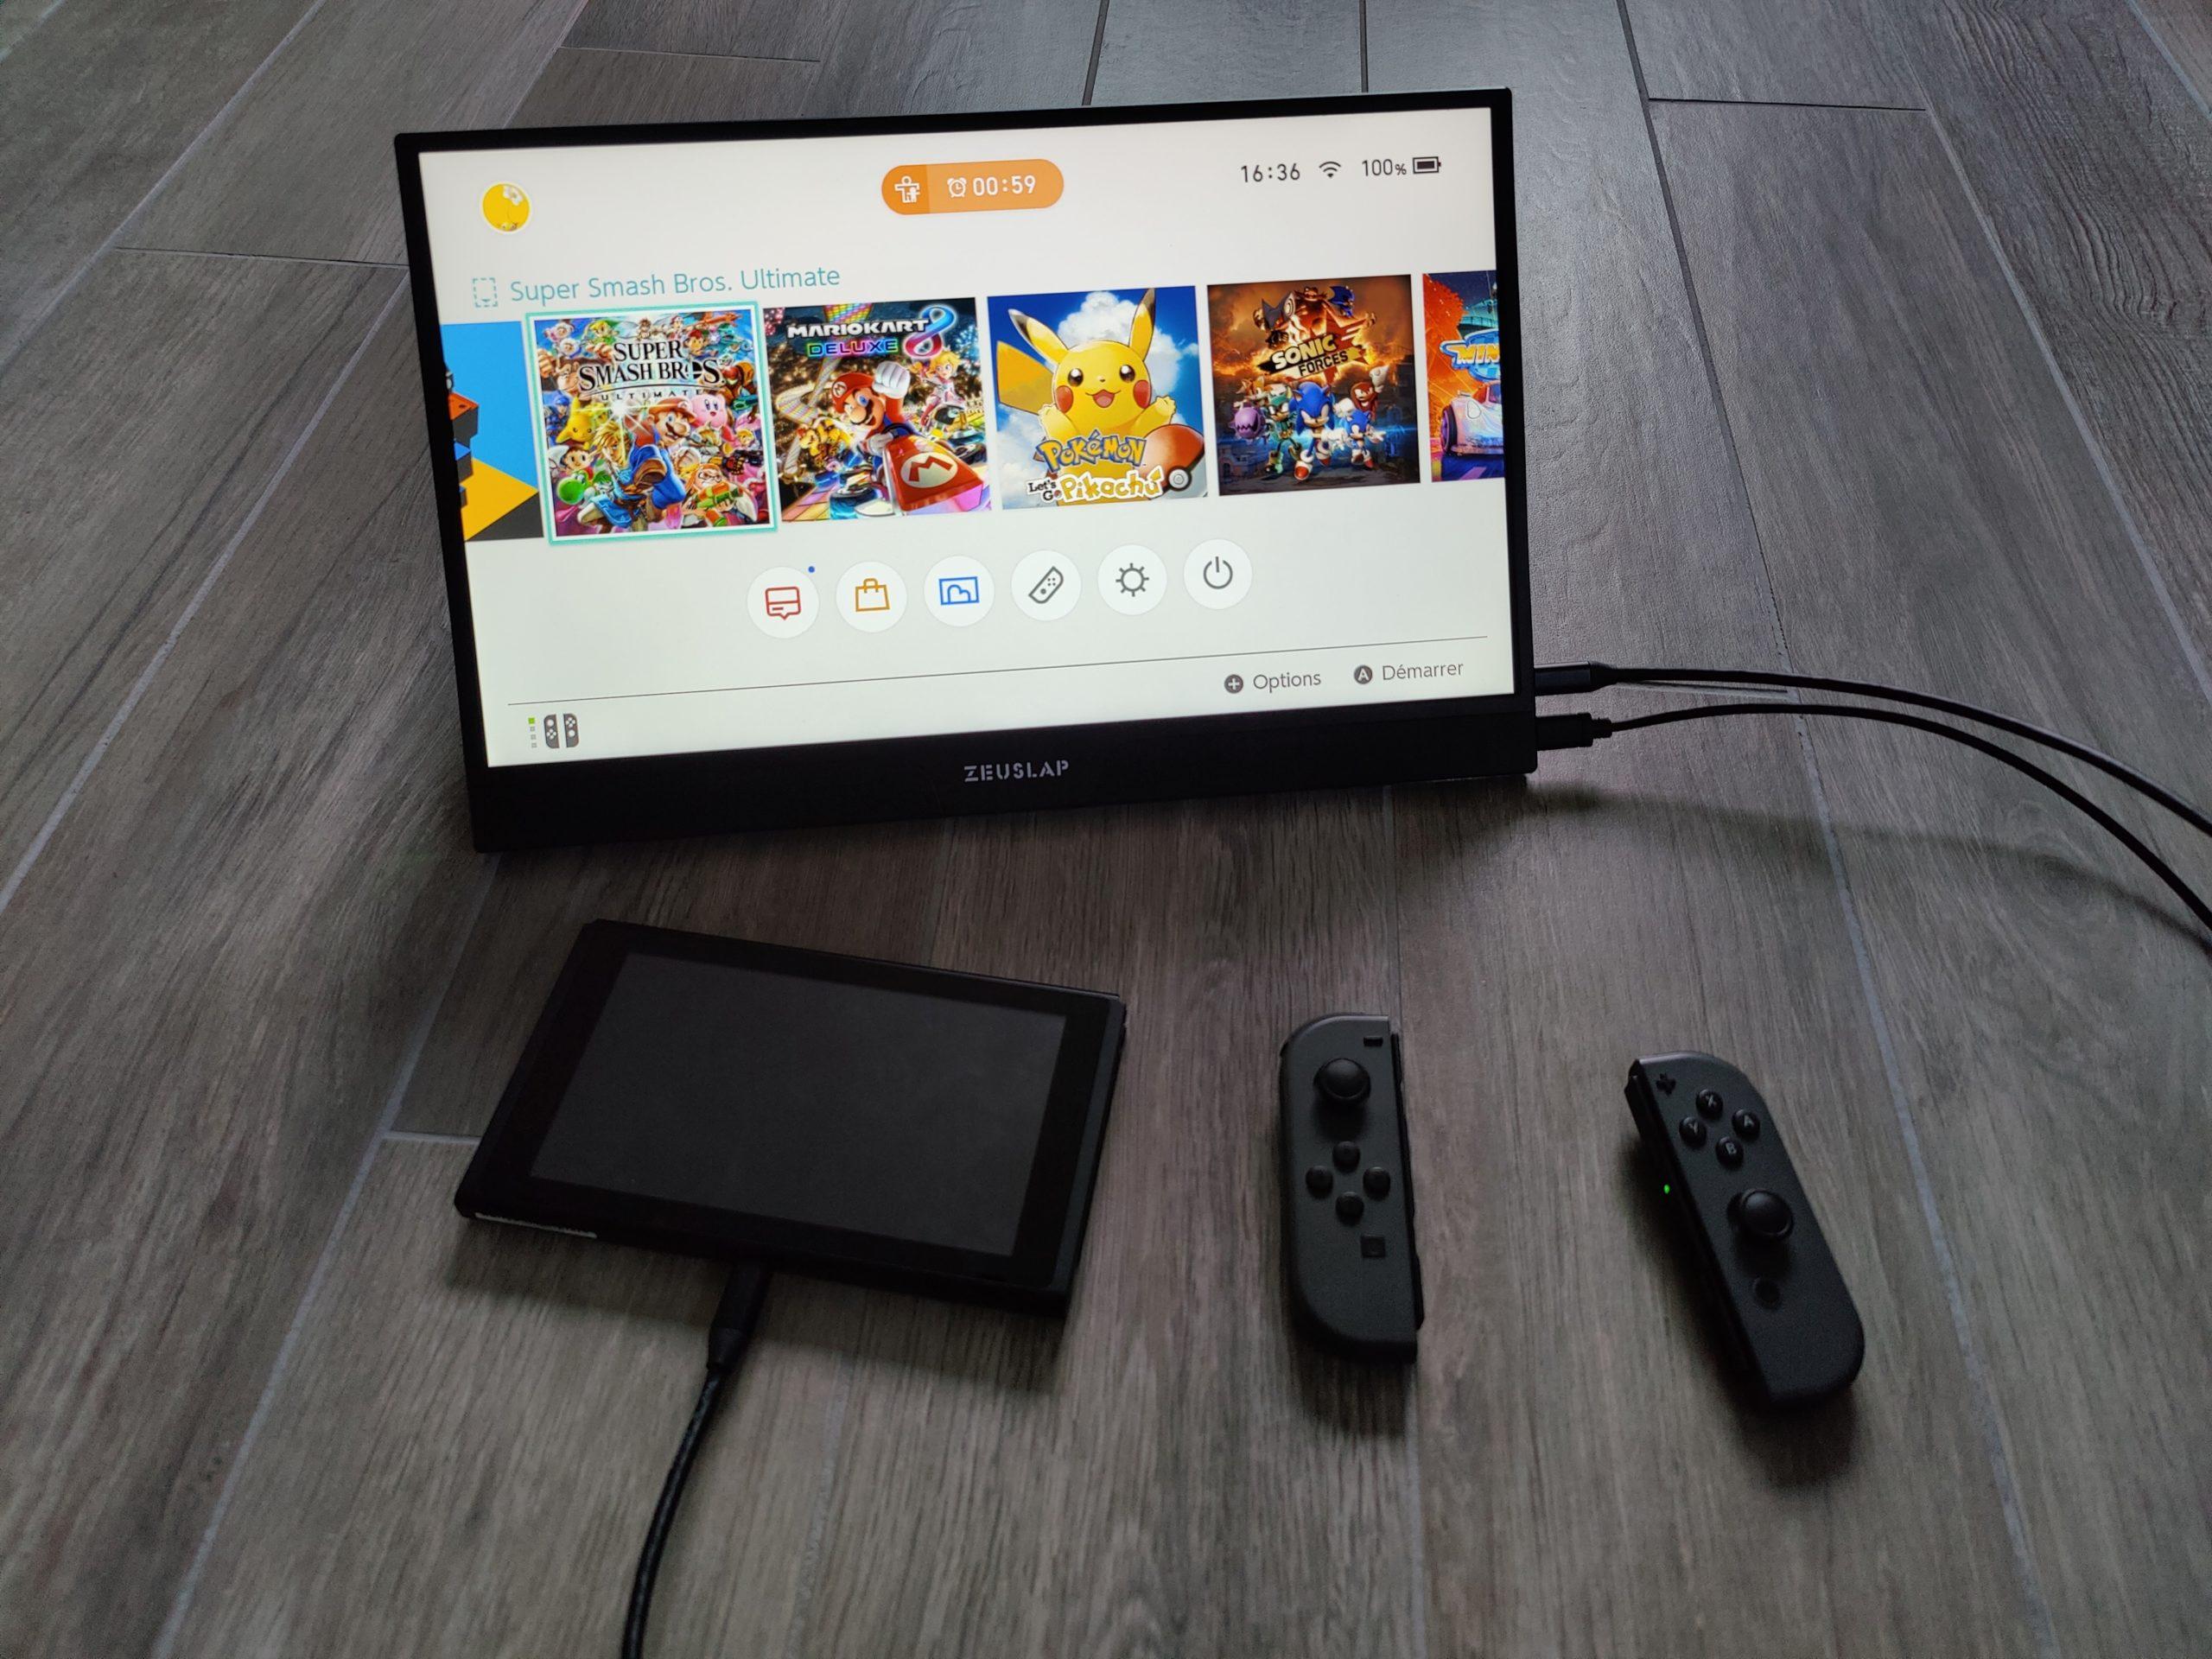 [Hot Deals] Zeuslap : l'écran portable et tactile de 15,6 pouces FullHD à 105 euros !